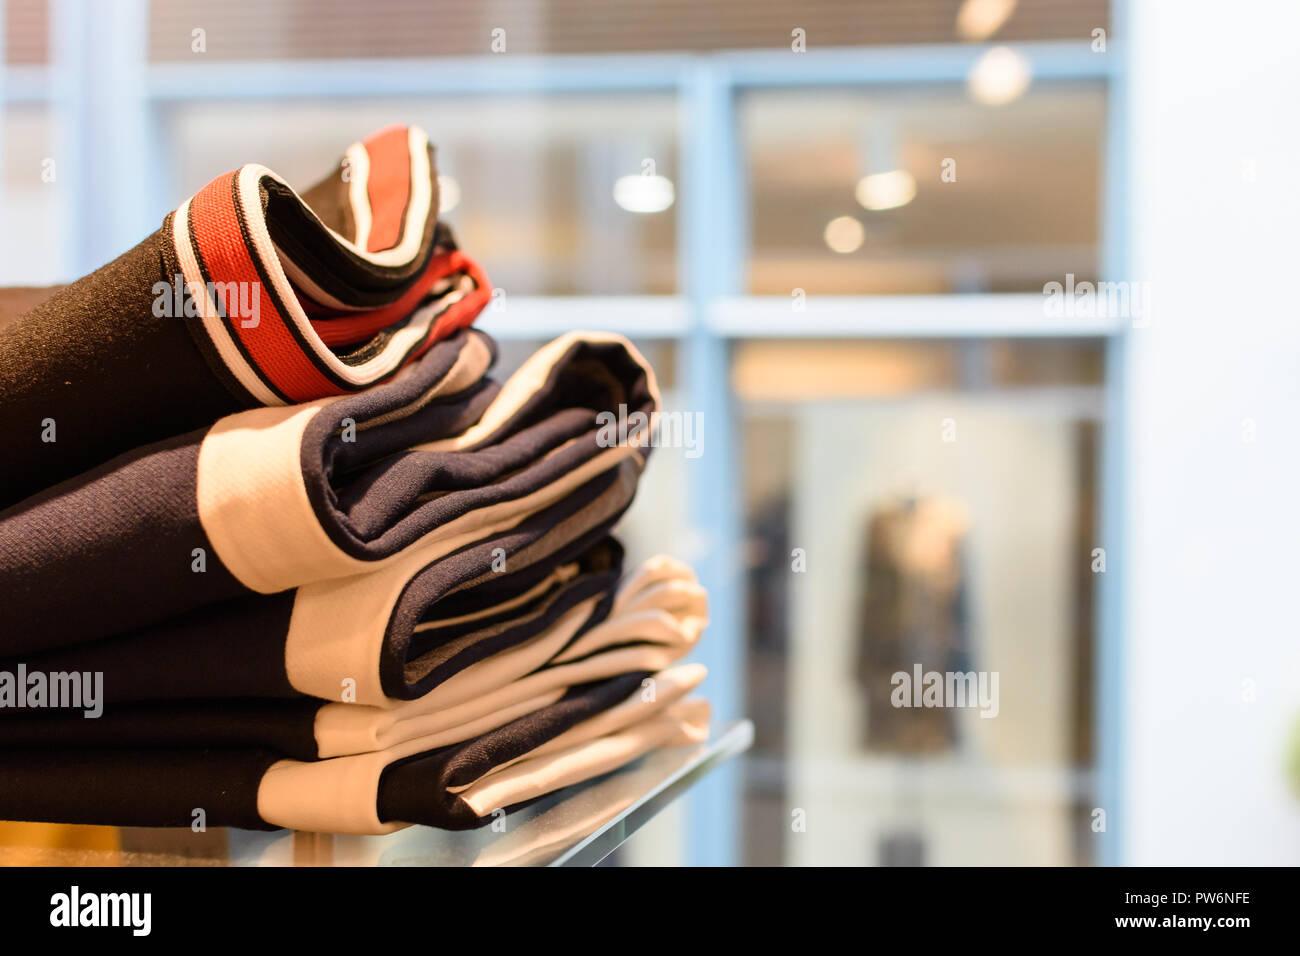 Kleider gestapelt im verkaufsraum - Stock Image